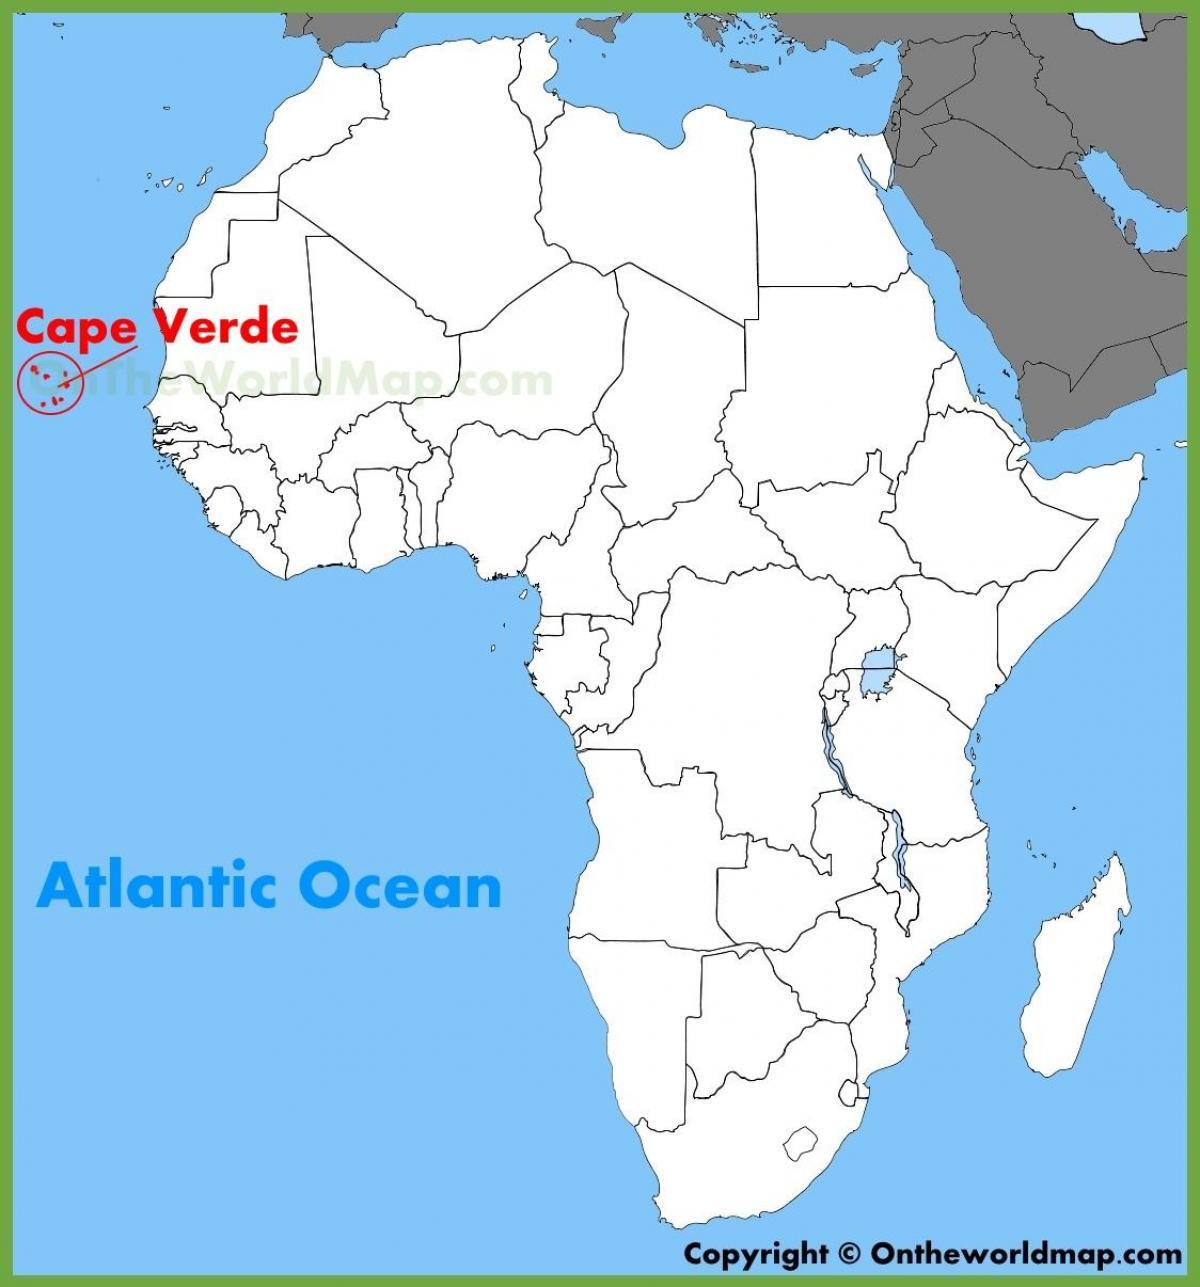 kart kapp verde Kart Over Kapp Verde | Kart